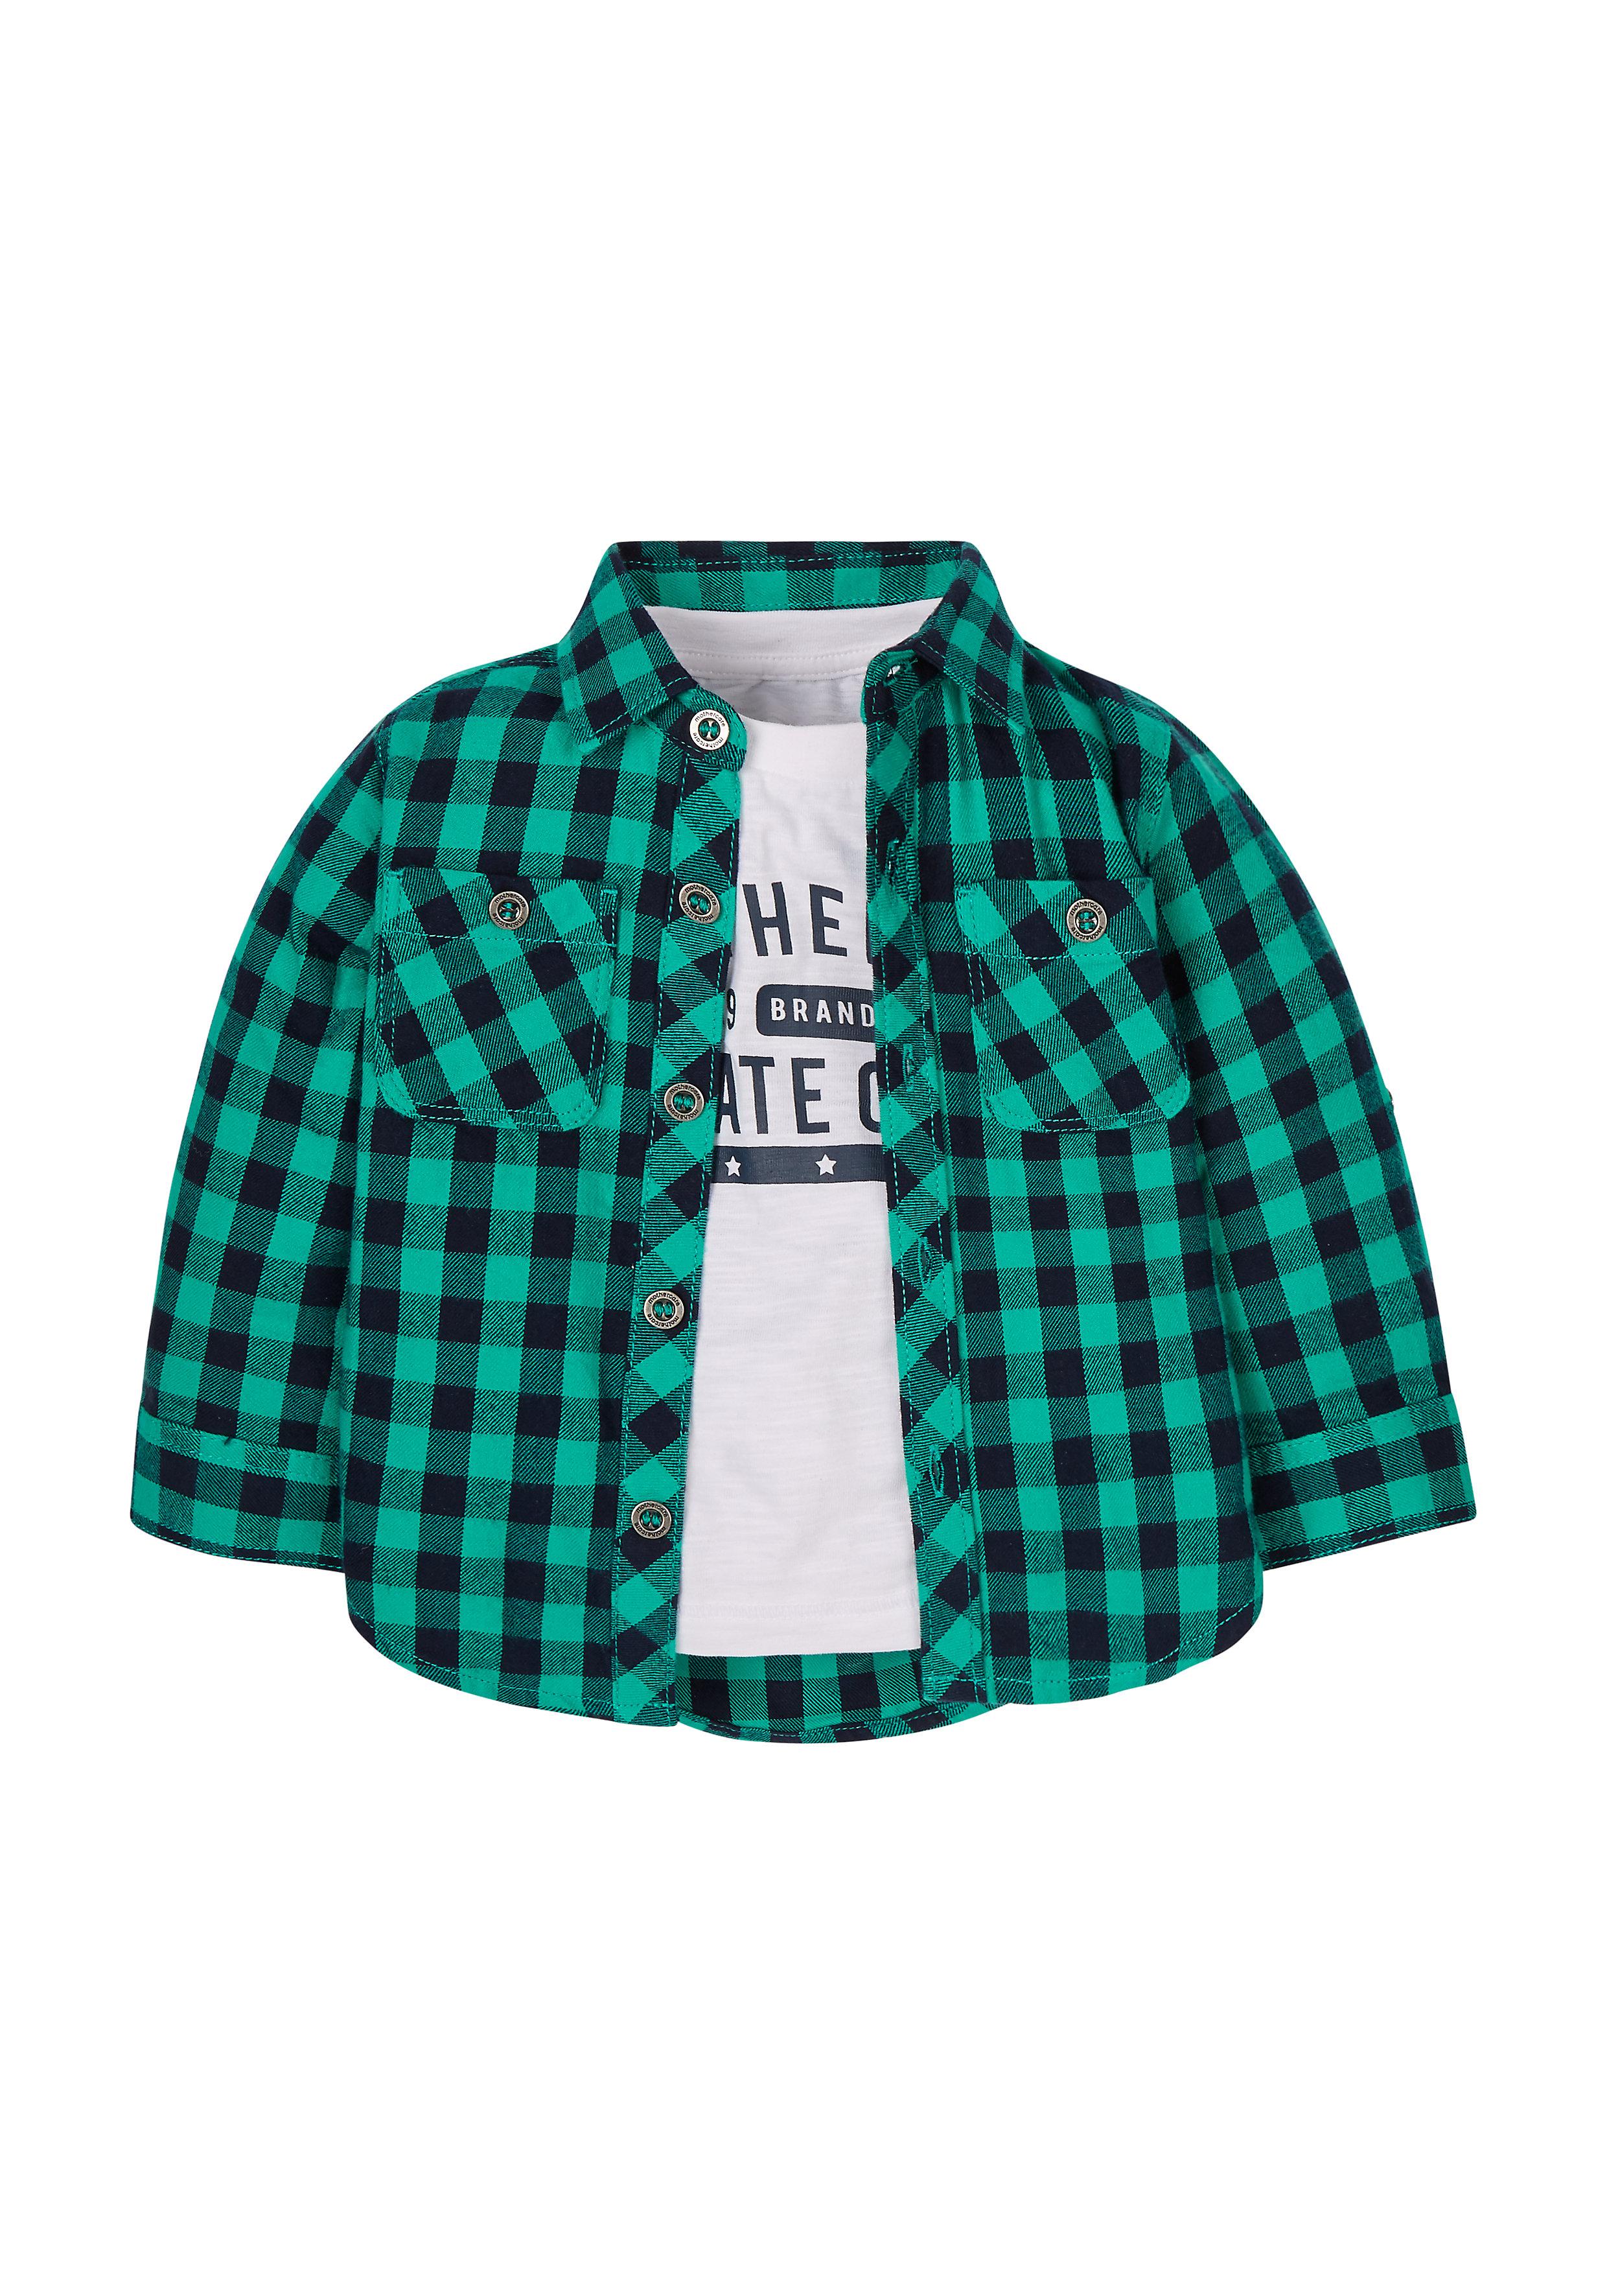 Mothercare | Boys Full Sleeves Check Shirt And T-Shirt Set  - Green